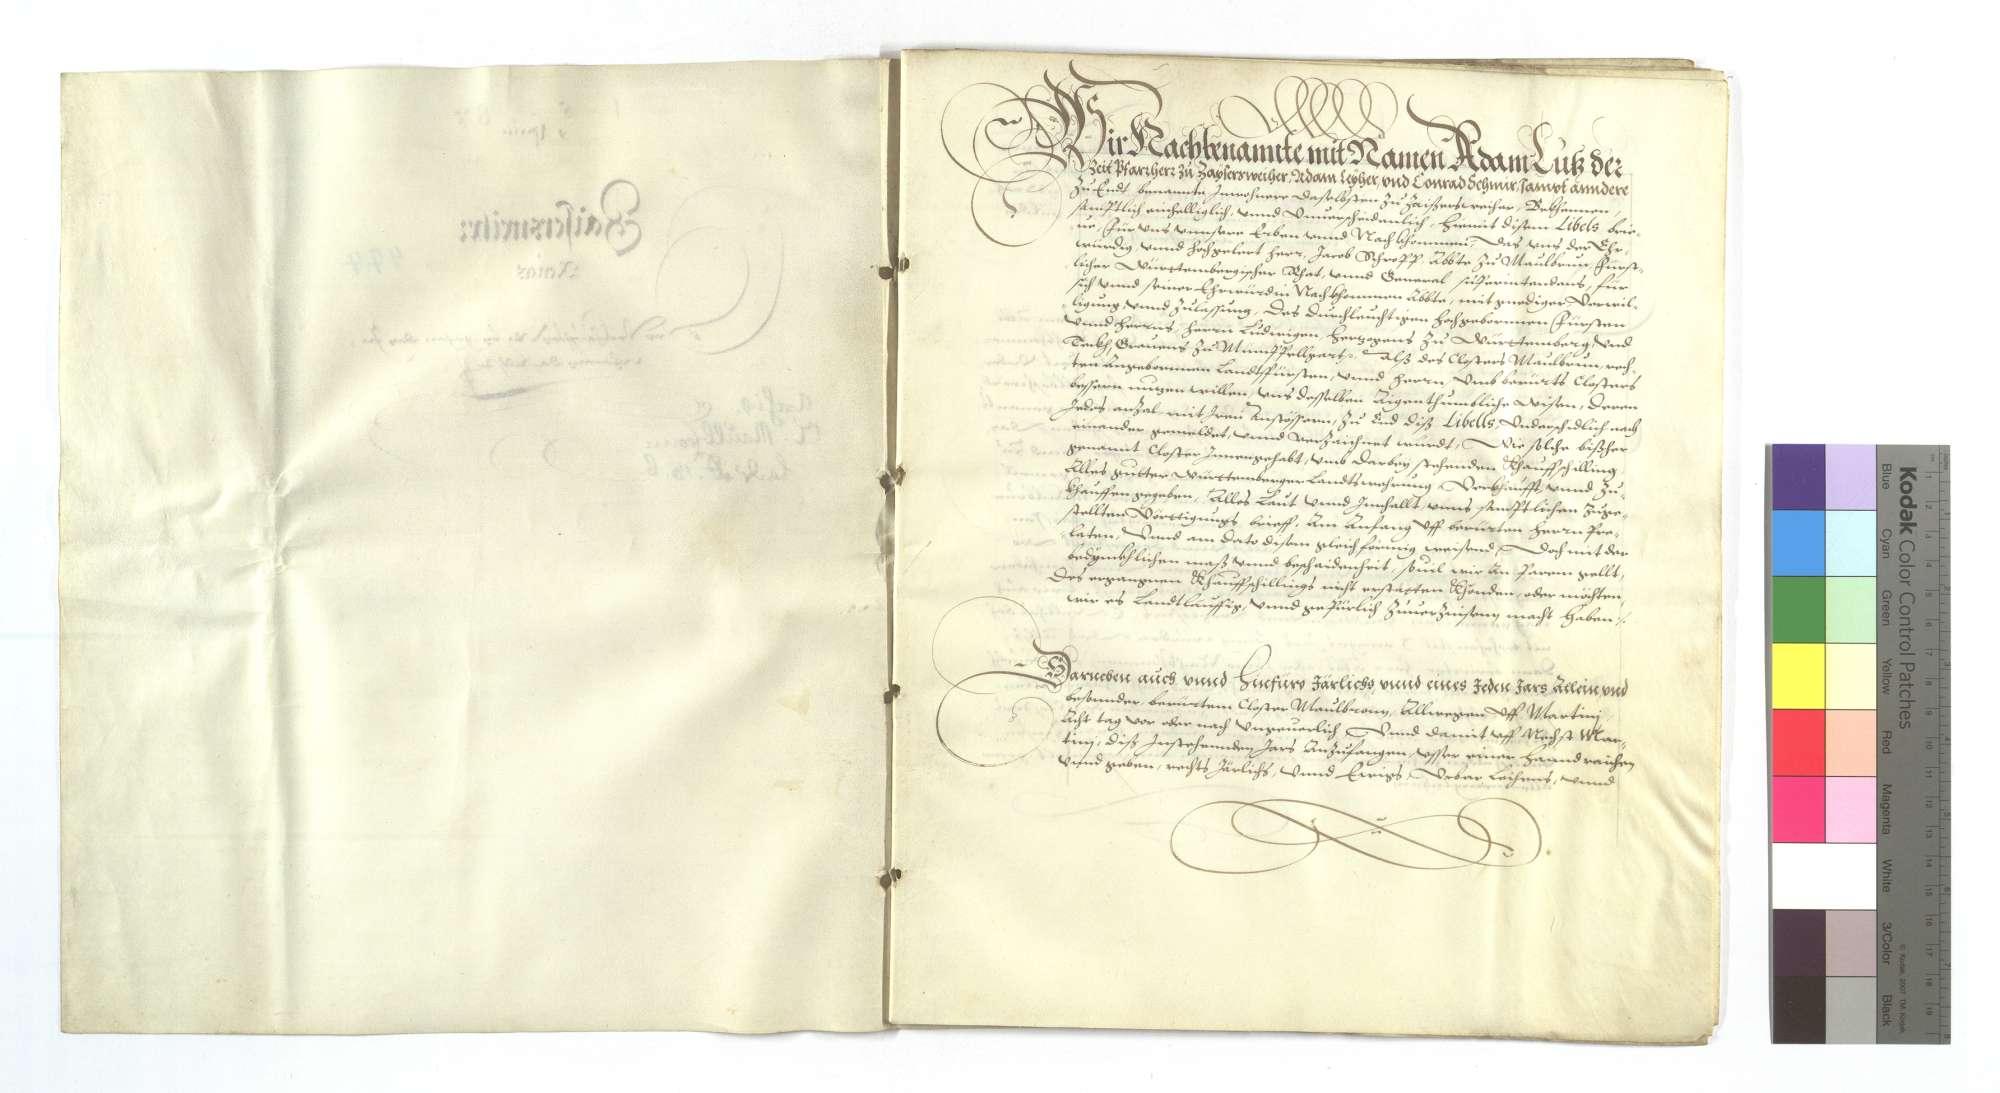 Erblehensrevers derer von Zaisersweiher um die von dem Kloster Maulbronn verkauften Wiesen im Schützinger (Schüzinger) Tal., Bild 2